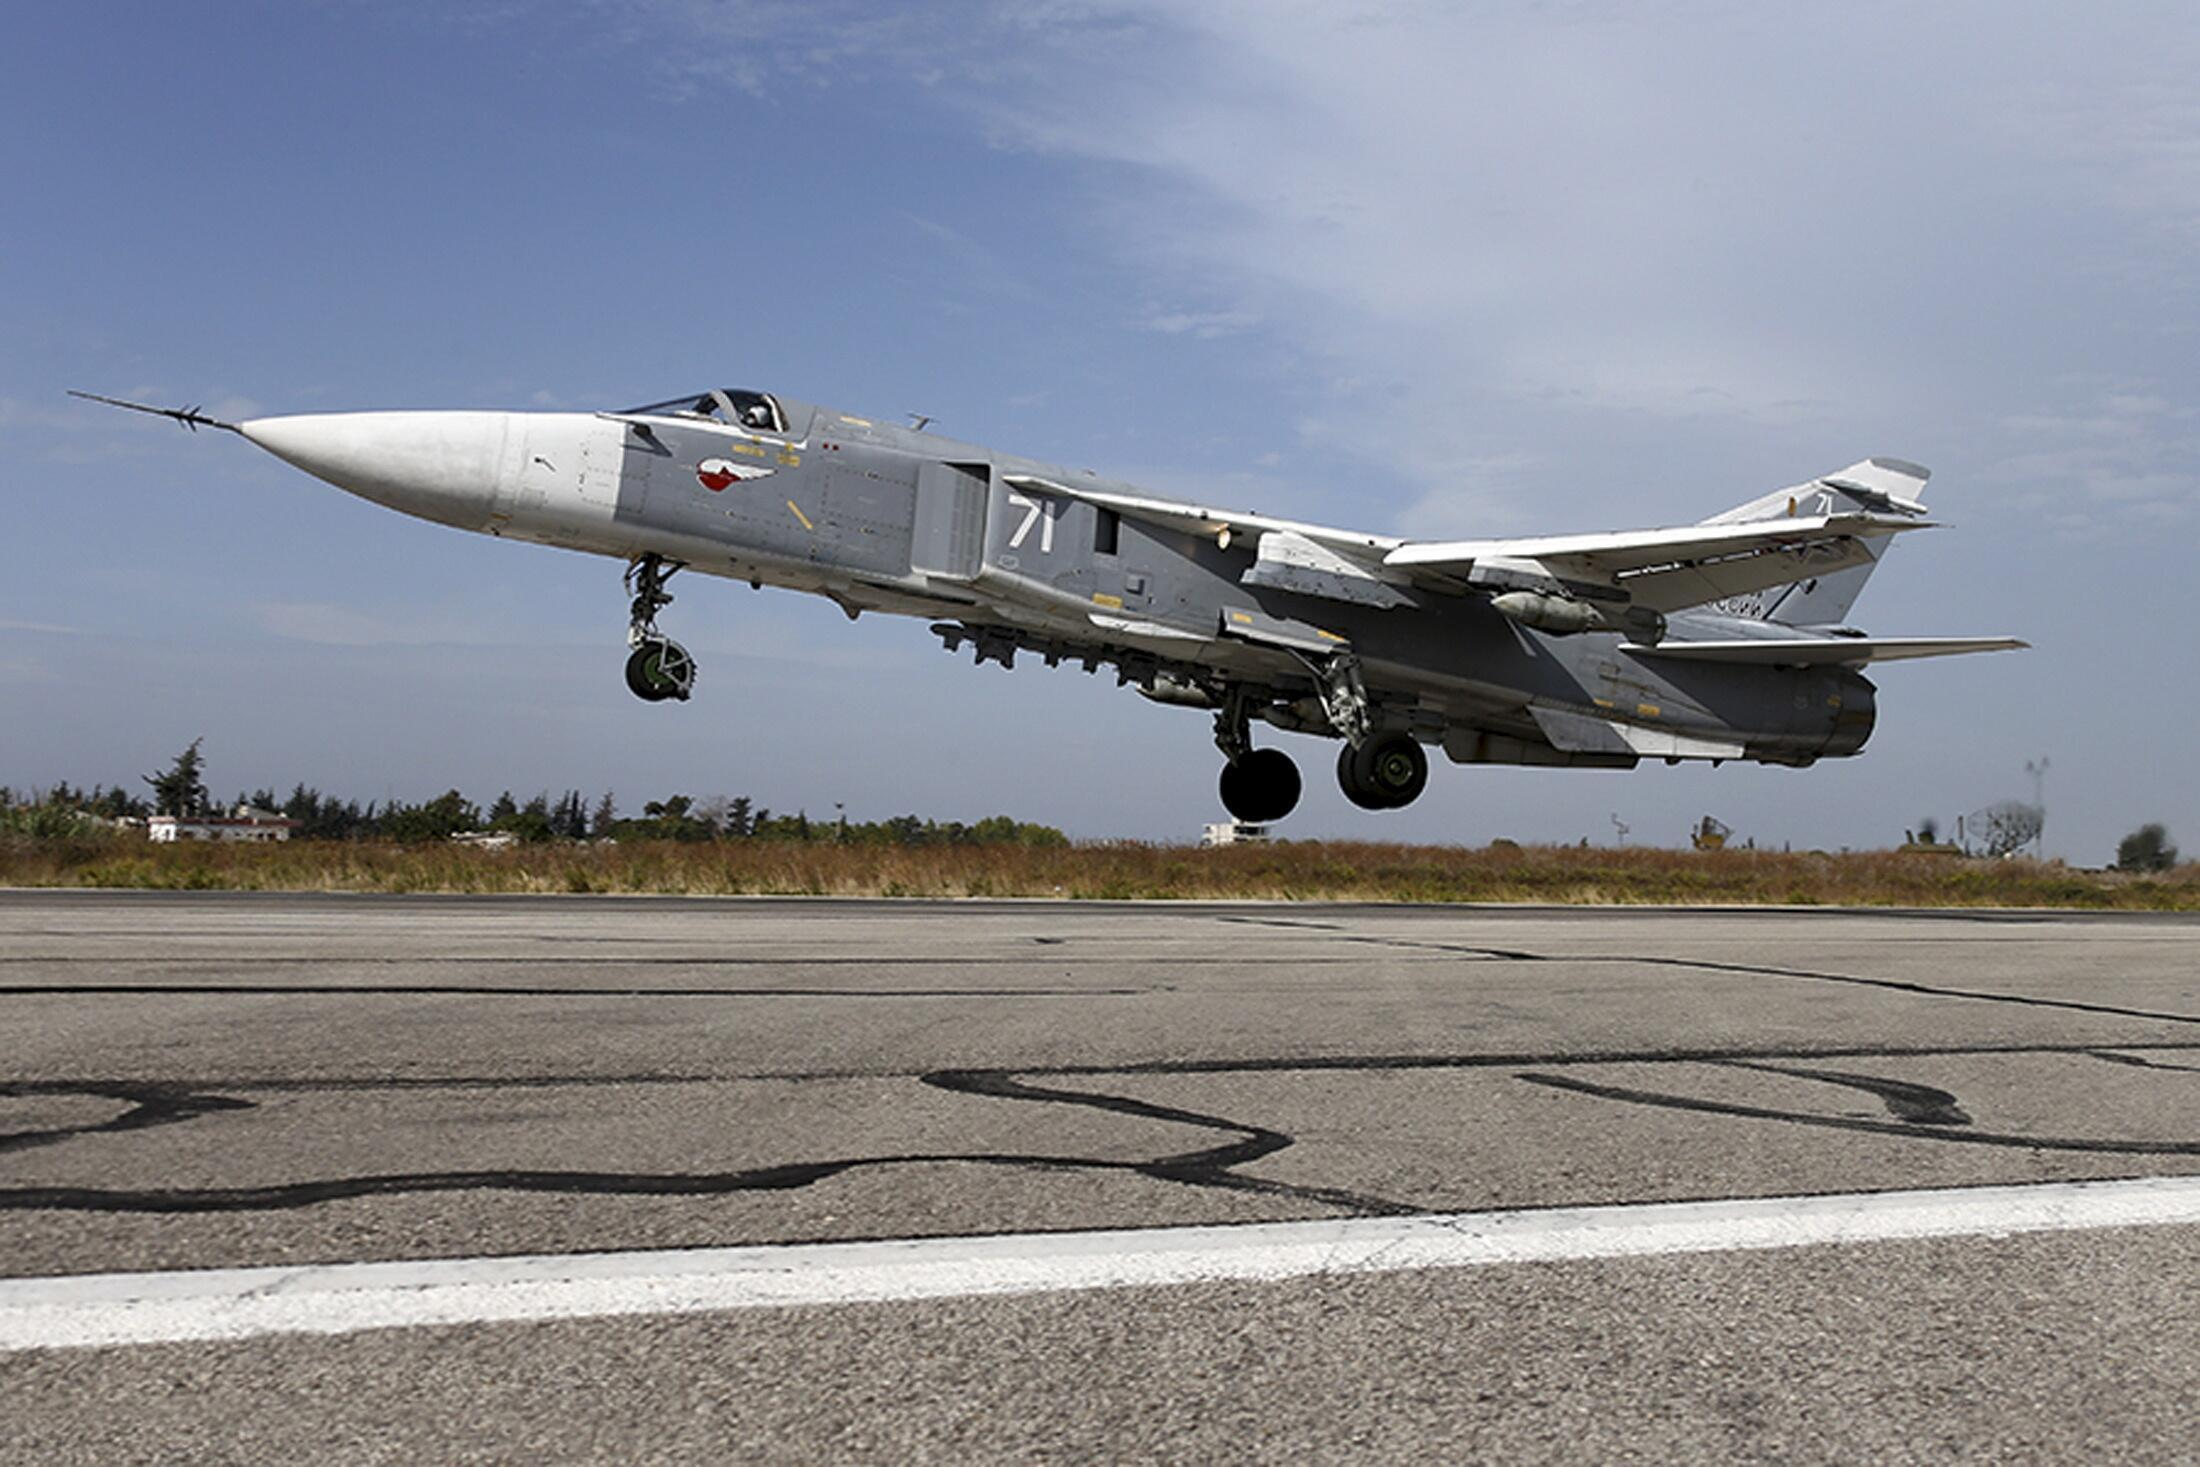 Một máy bay chiến đấu Sukhoi Su-24 cất cánh từ căn cứ không quân gần Hmeymim Latakia, Syria. Bức ảnh được Bộ Quốc phòng Nga đăng tải ngày 22/10/2015.